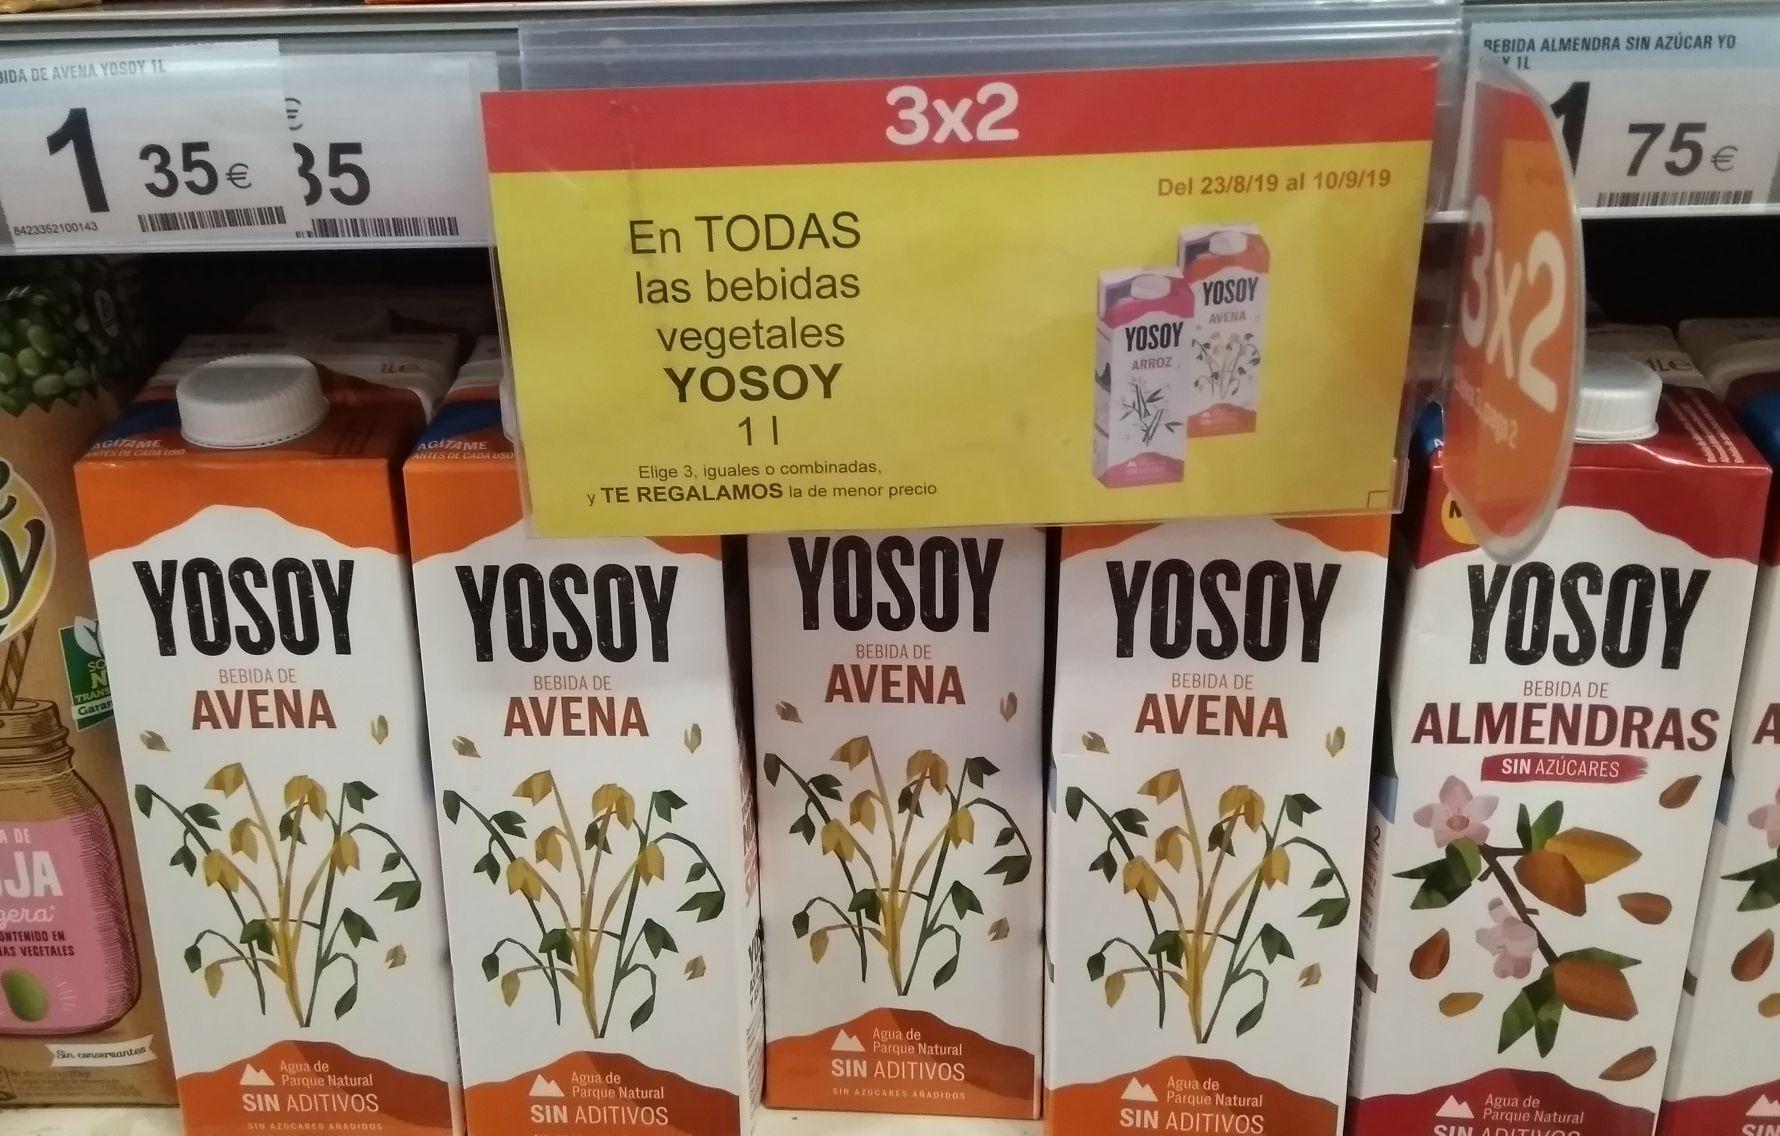 3x2 en bebidas vegetales YOSOY. Carrefour